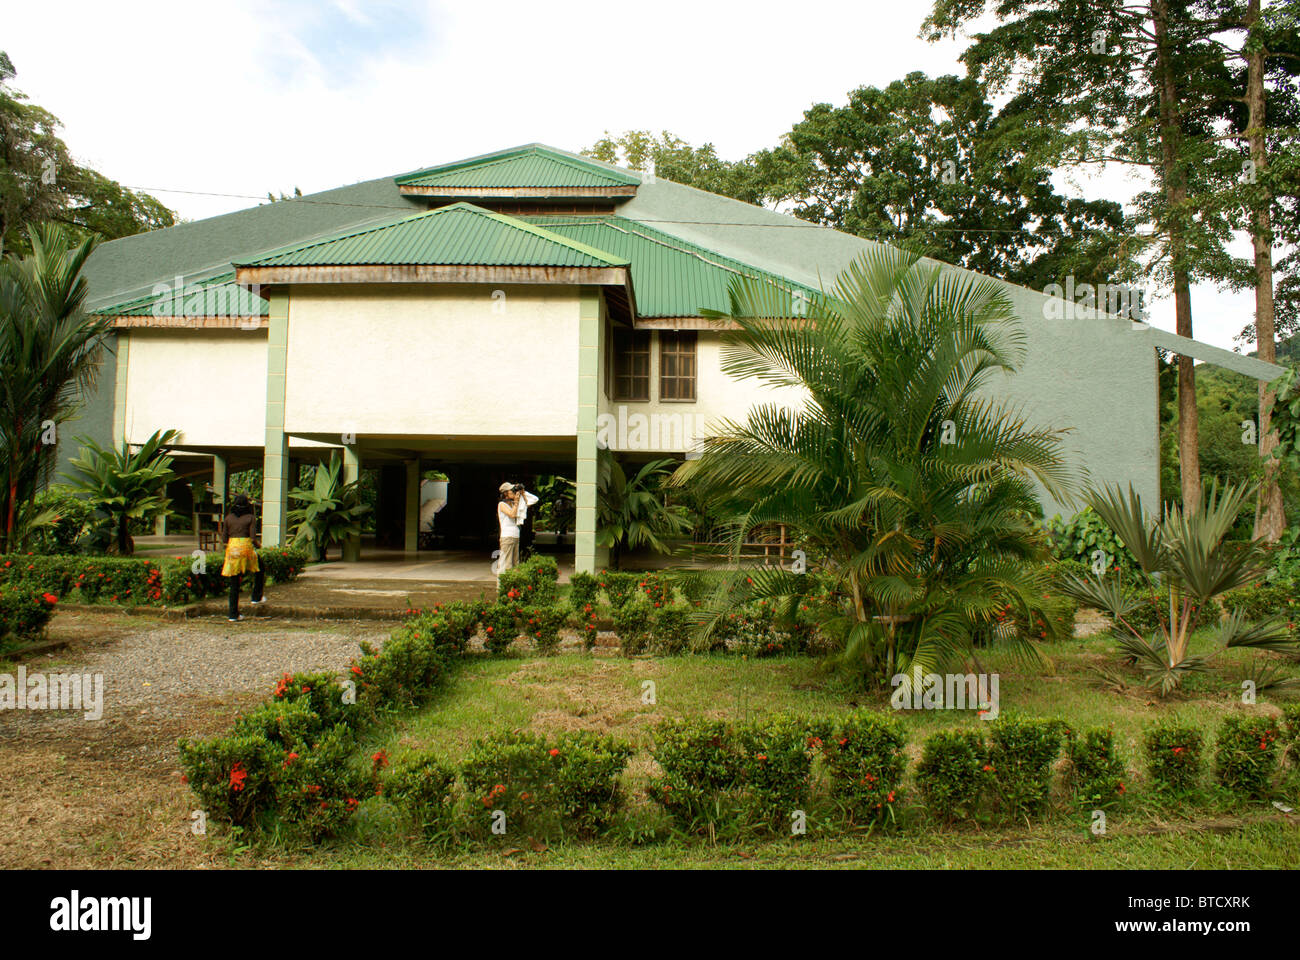 El centro de visitantes en el Jardín Botánico de Lancetilla, Honduras Imagen De Stock